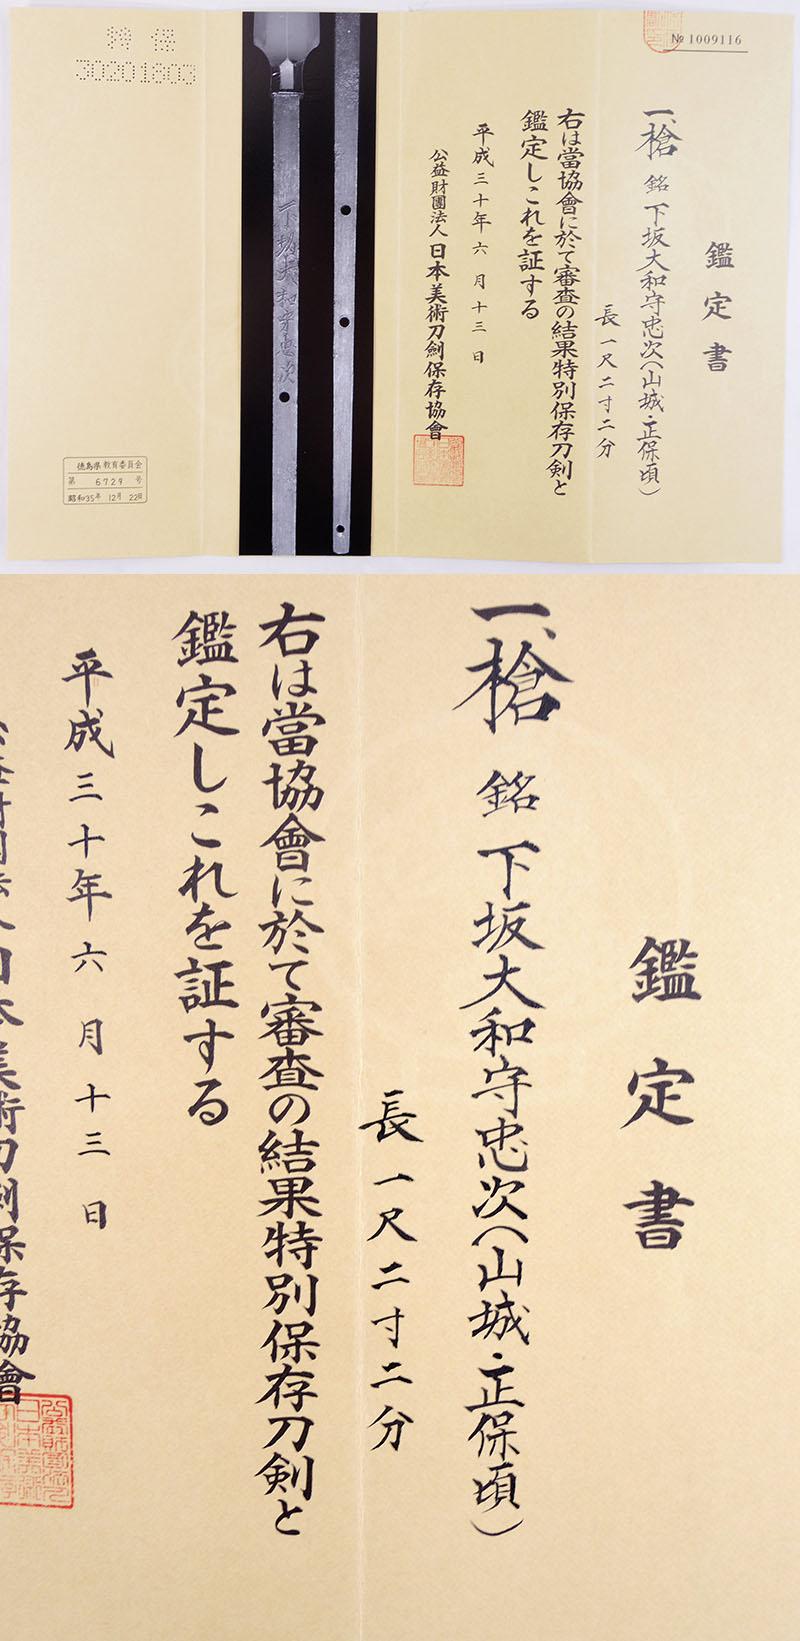 下坂大和守忠次(山城・正保頃) Picture of Certificate